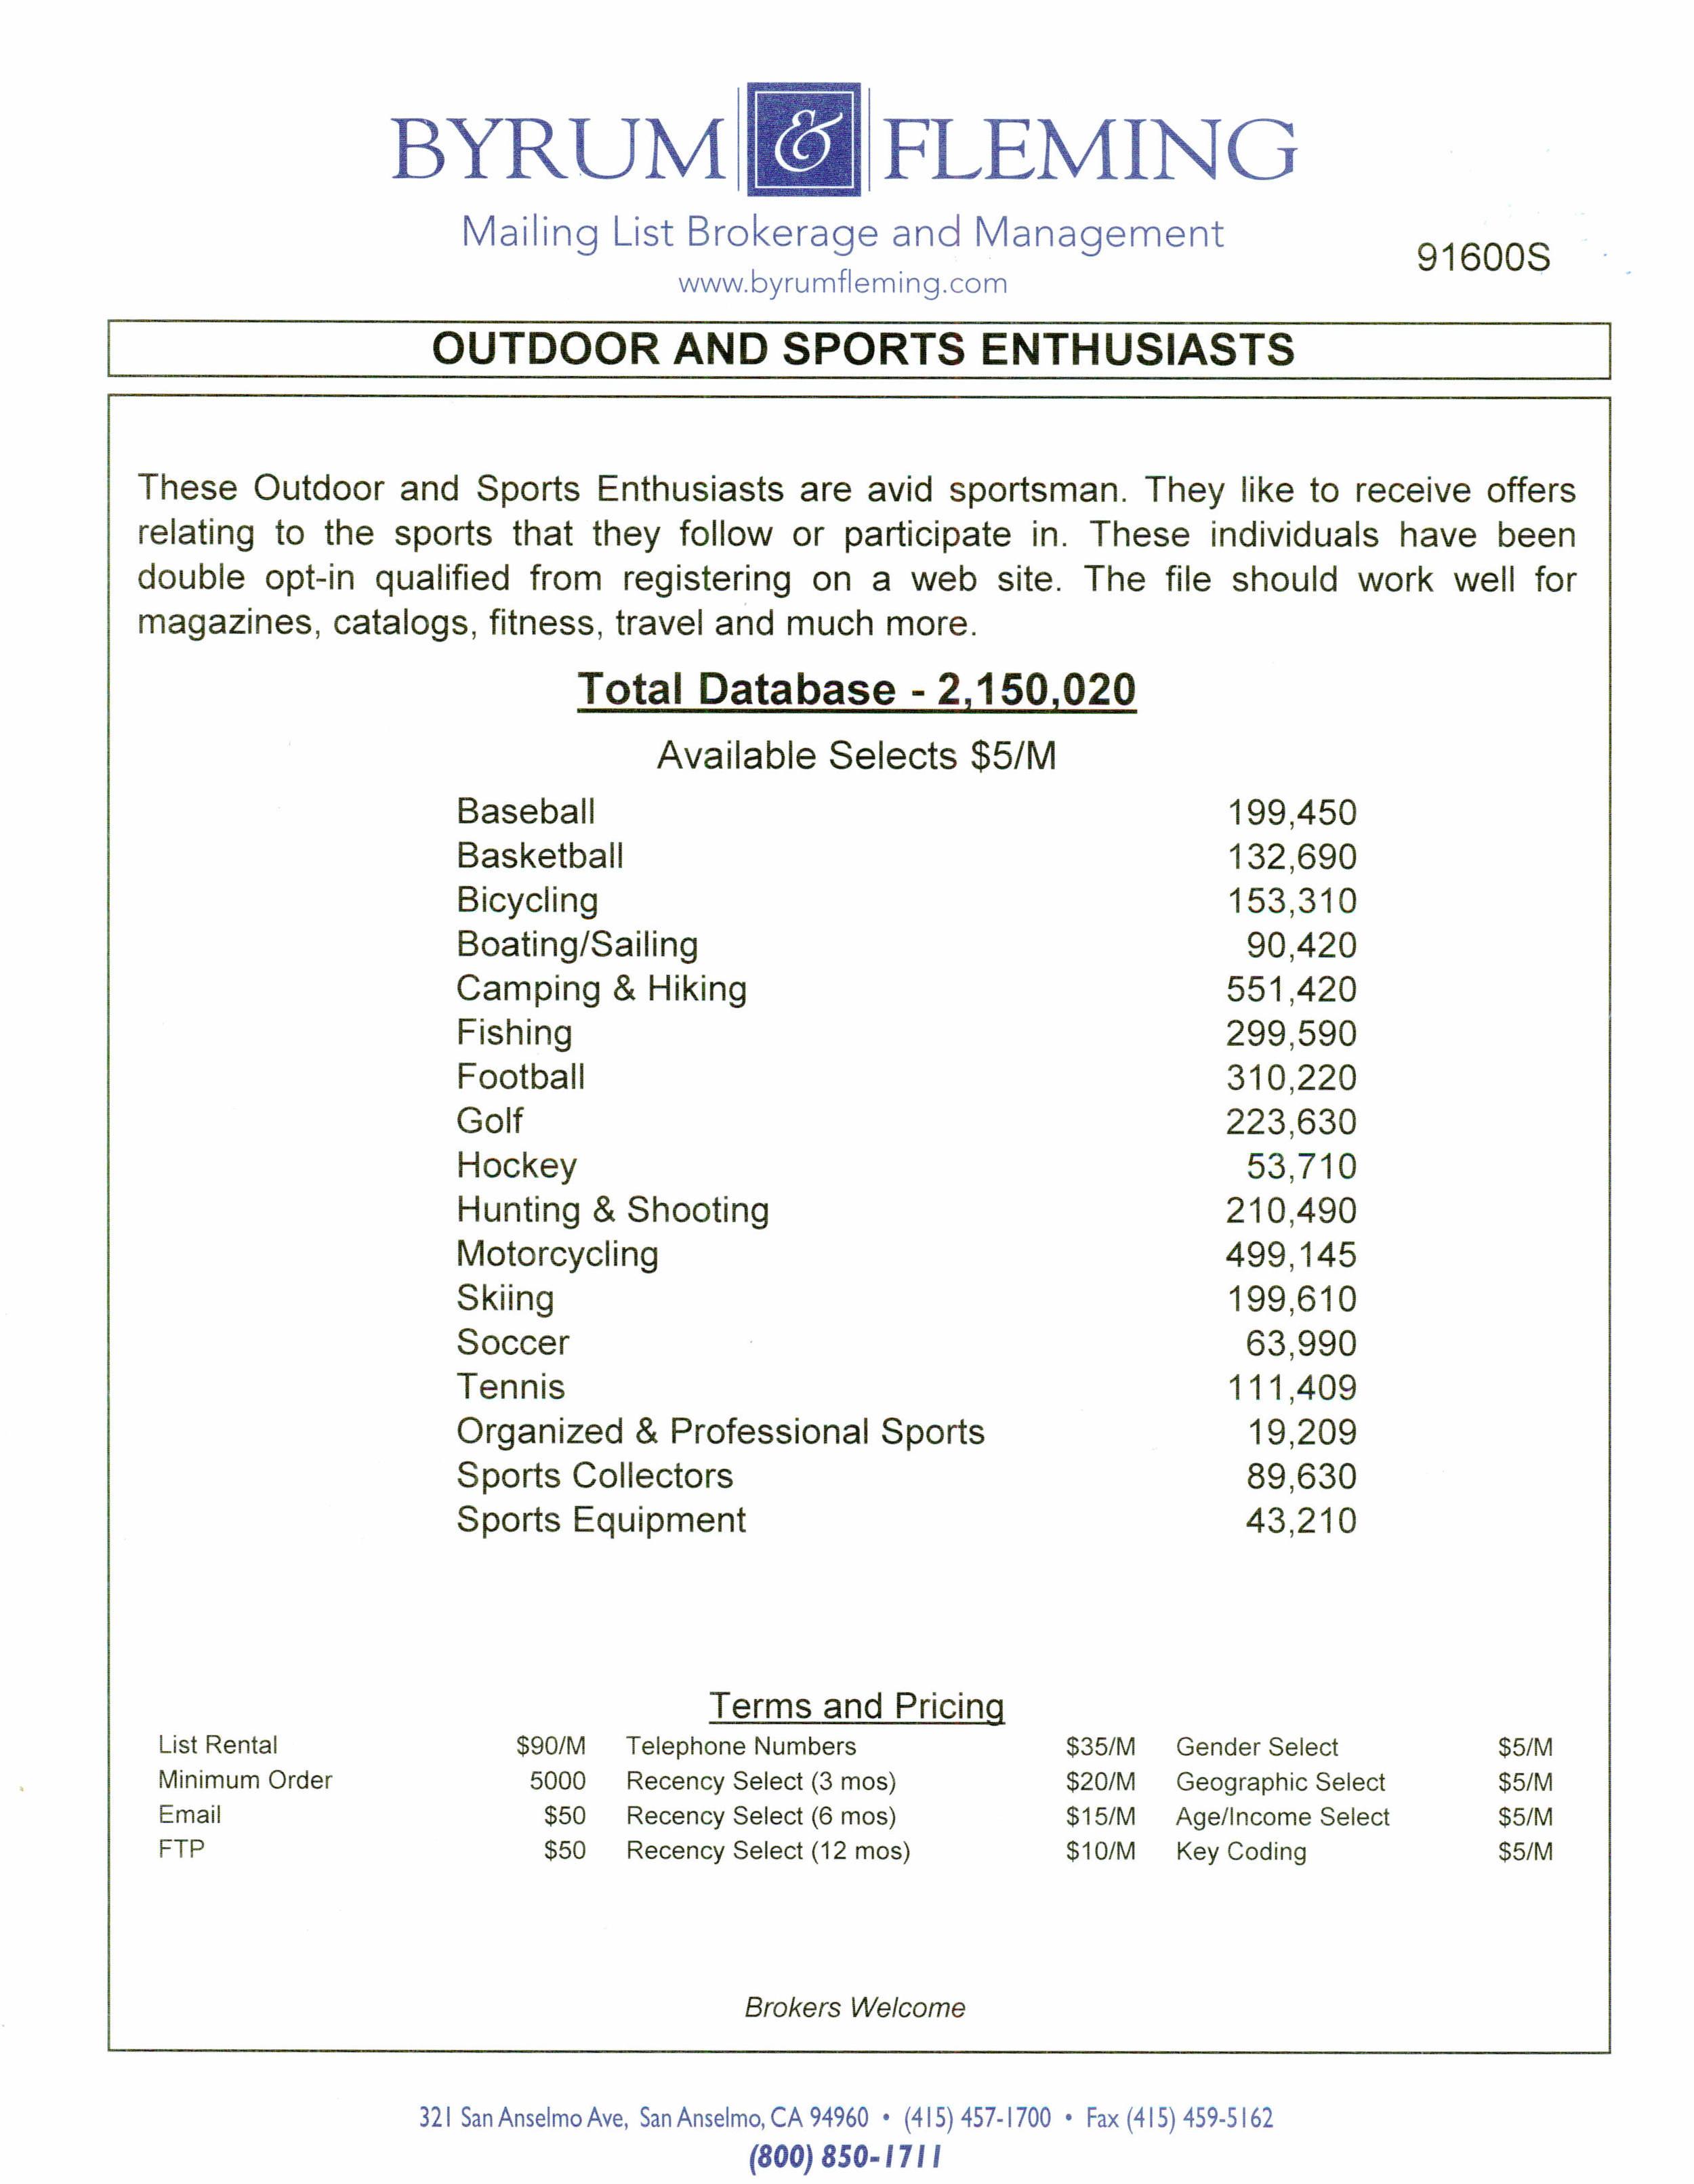 Baseball Basketball Bicycling Boating/Sailing Camping & Hiking Fishing Football Golf Hockey Hunting & Shooting Motorcycling Skiing Soccer Tennis Organized & Professional Collectors Equipment